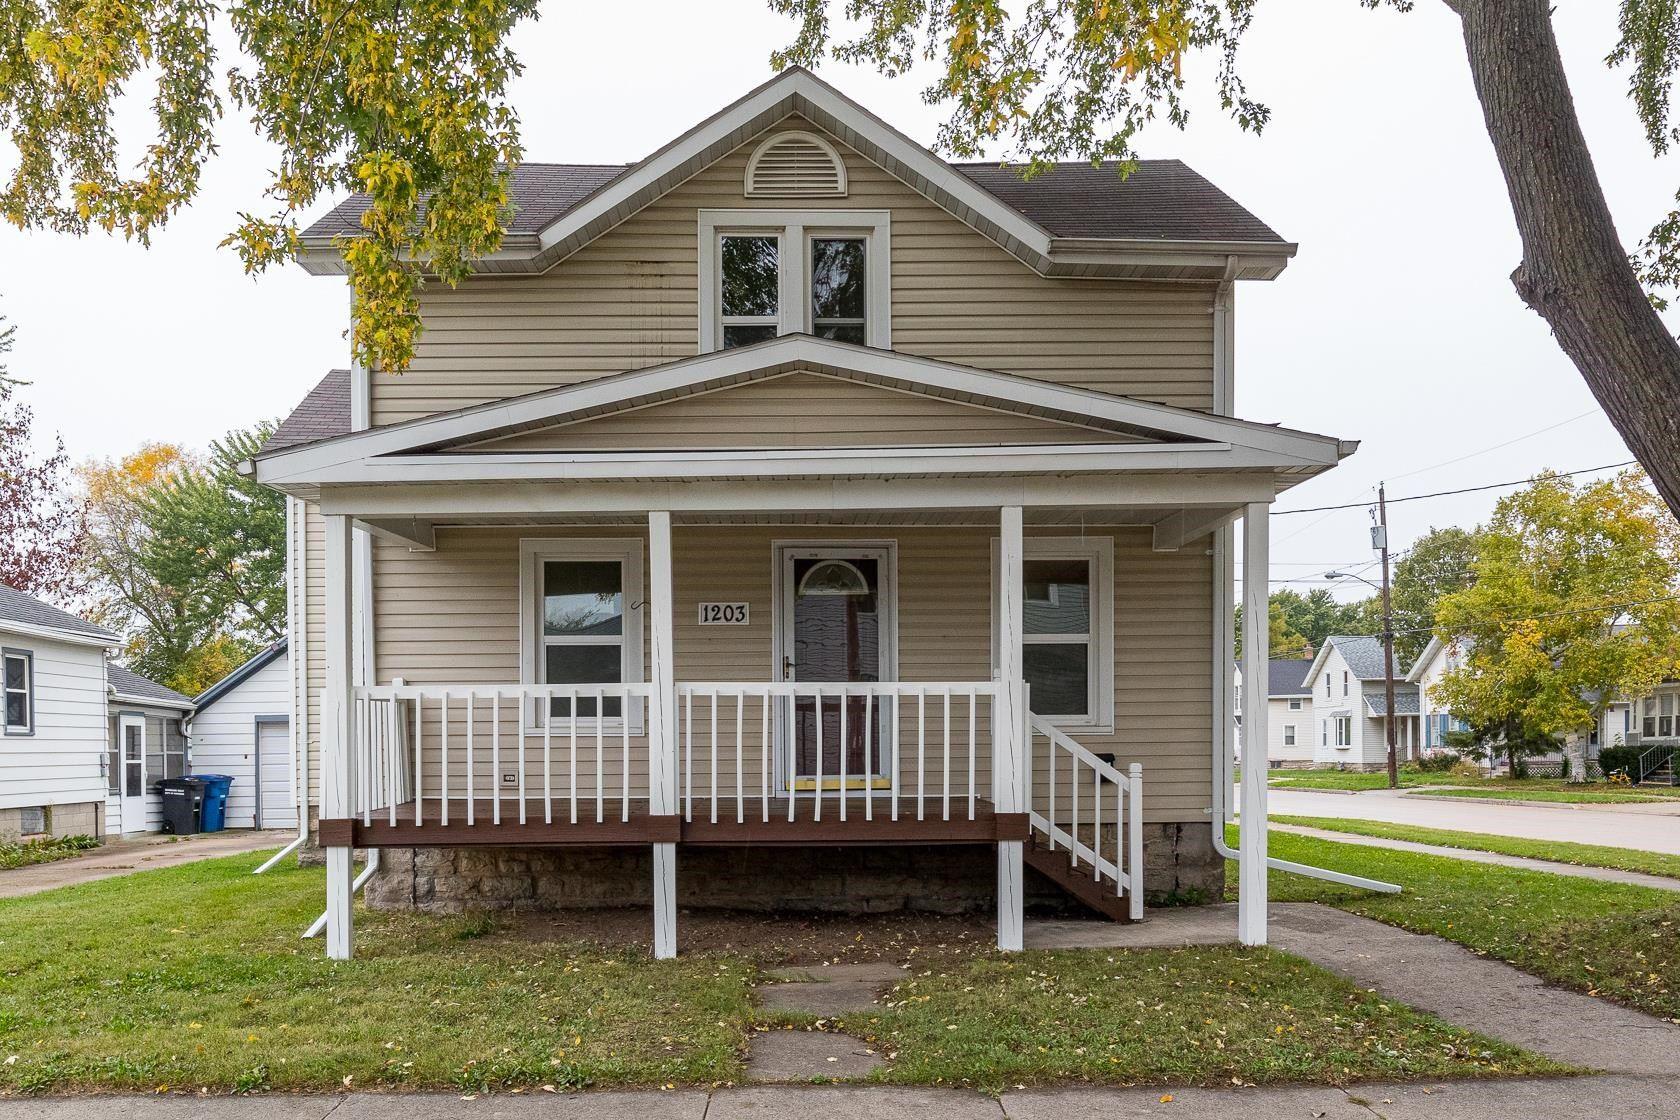 1203 MINNESOTA Street, Oshkosh, WI 54902 - MLS#: 50249804